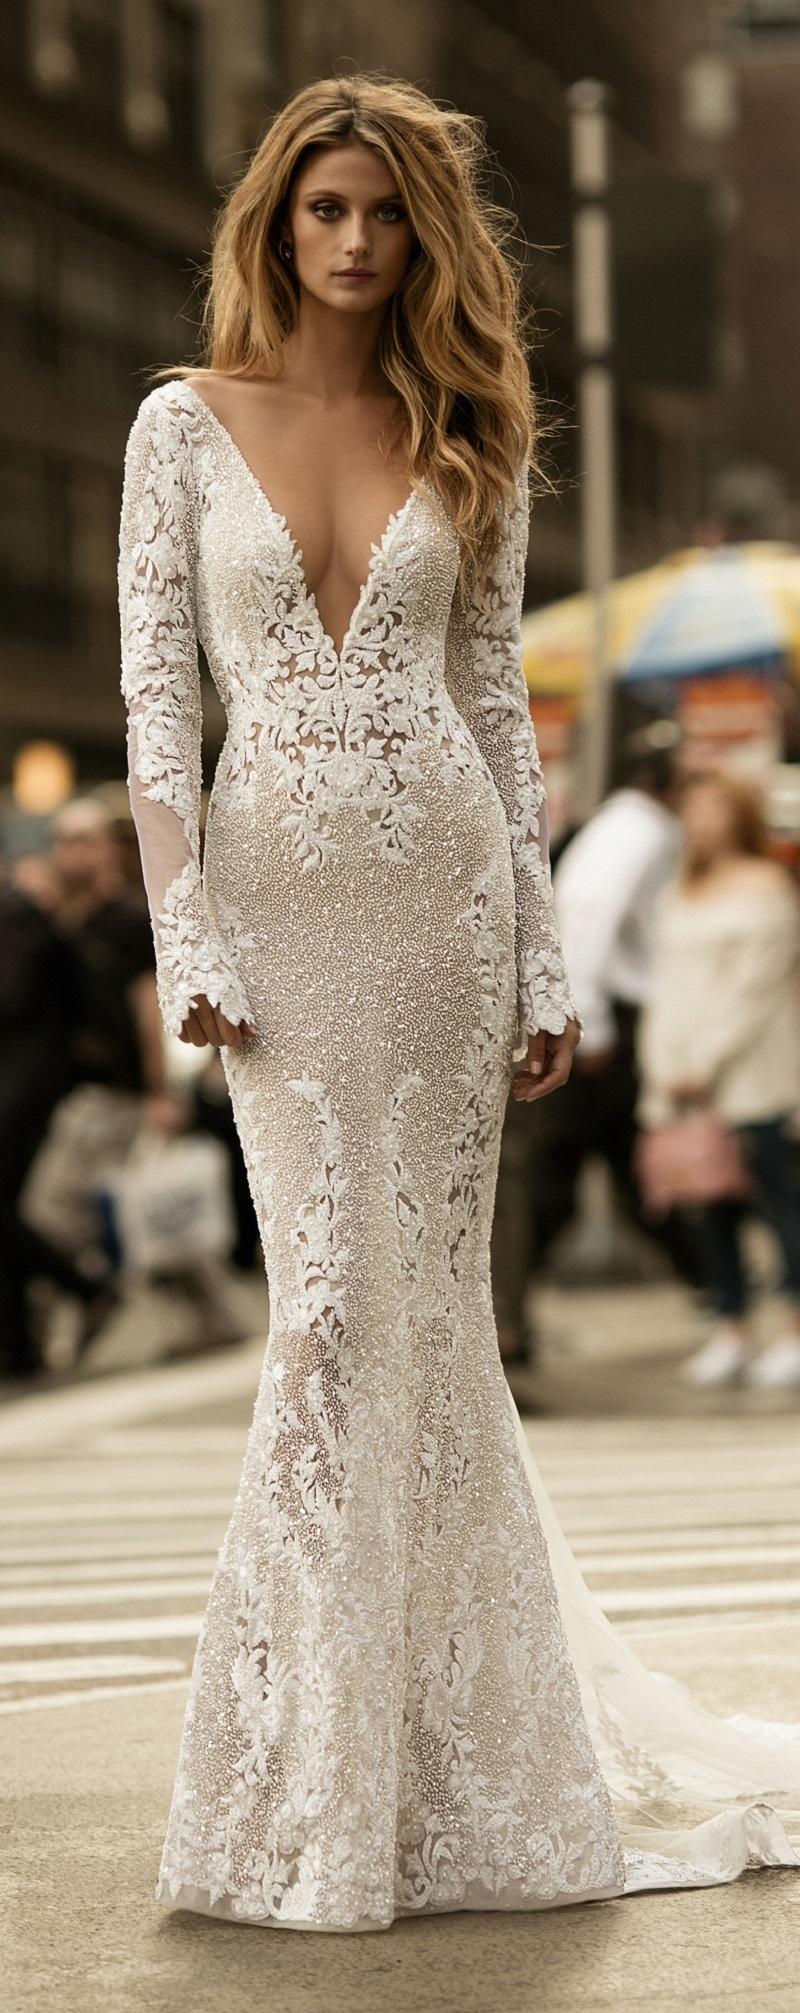 3f1dcc36cba Свадебная мода 2017. Самые стильные и потрясающе красивые платья для ...